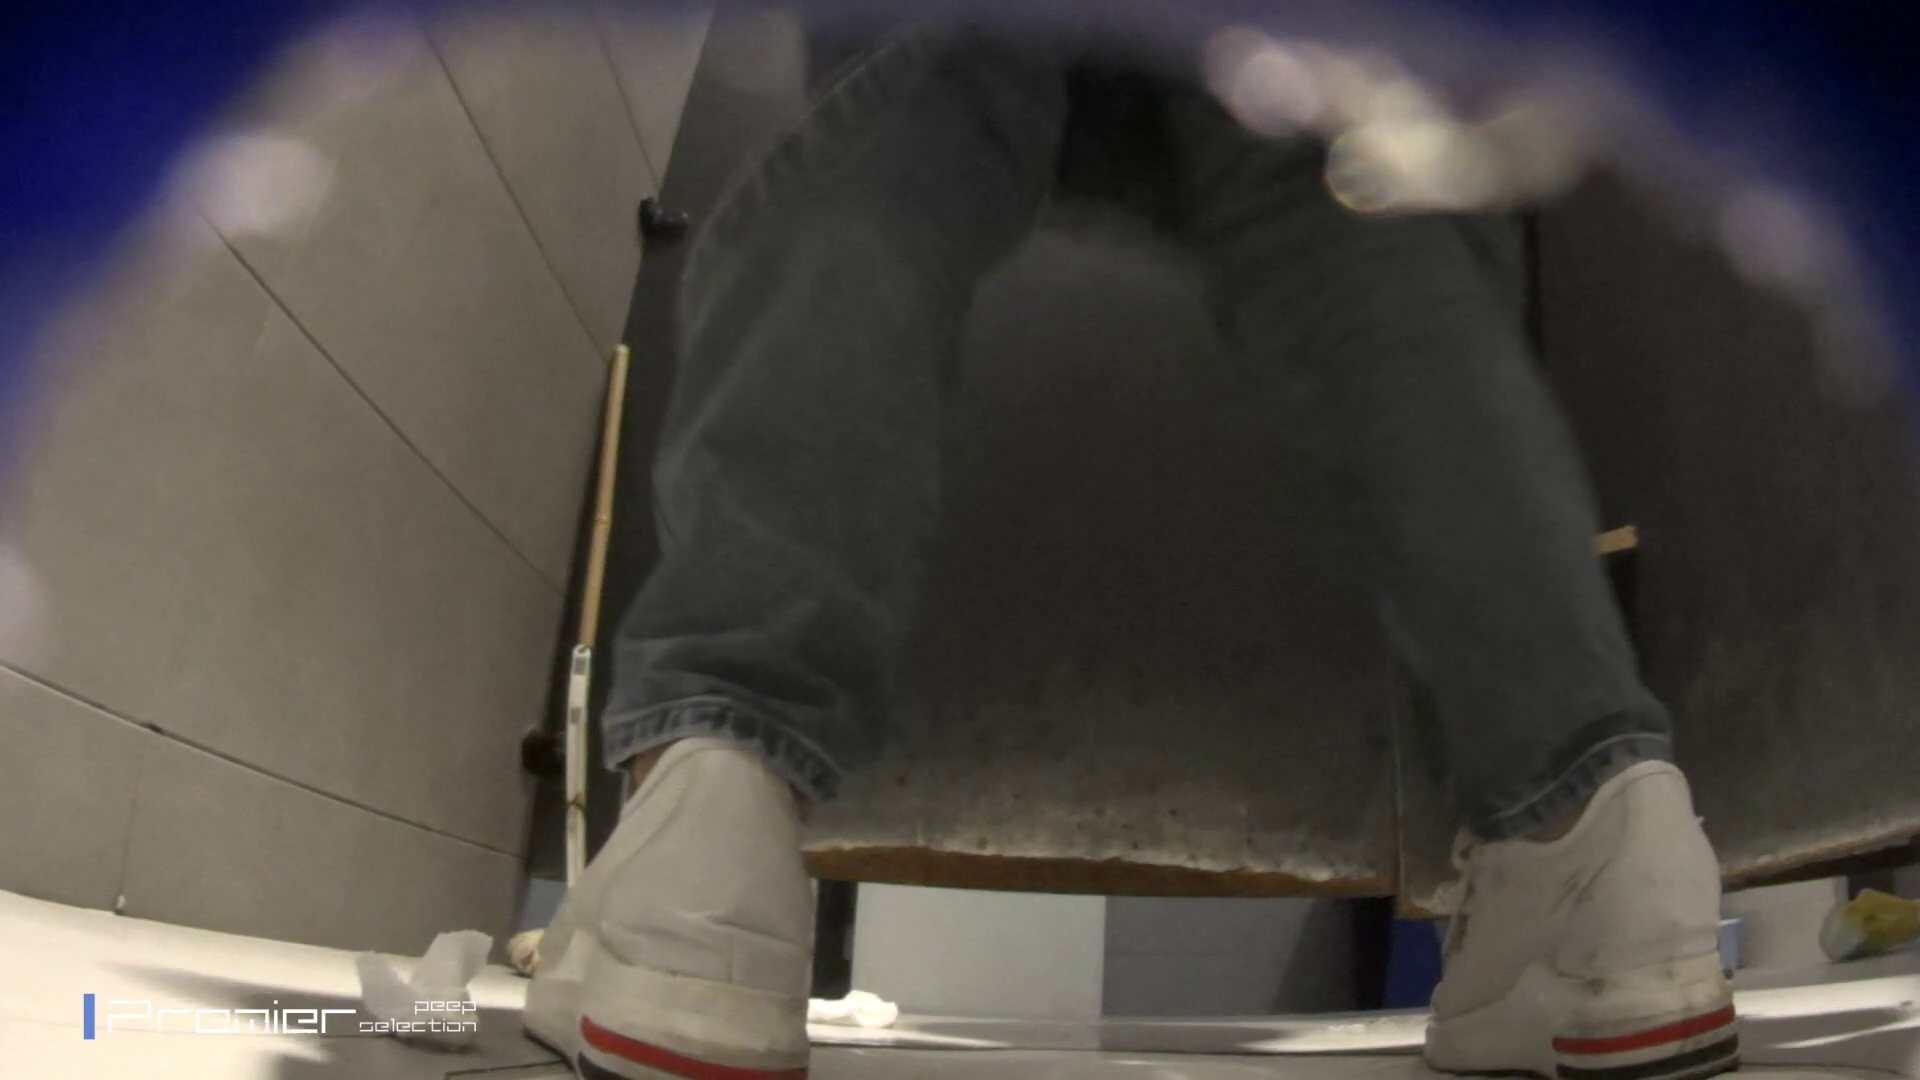 熟女の洗面所 若い子もいます。大学休憩時間の洗面所事情68 むっちりガール すけべAV動画紹介 81枚 25